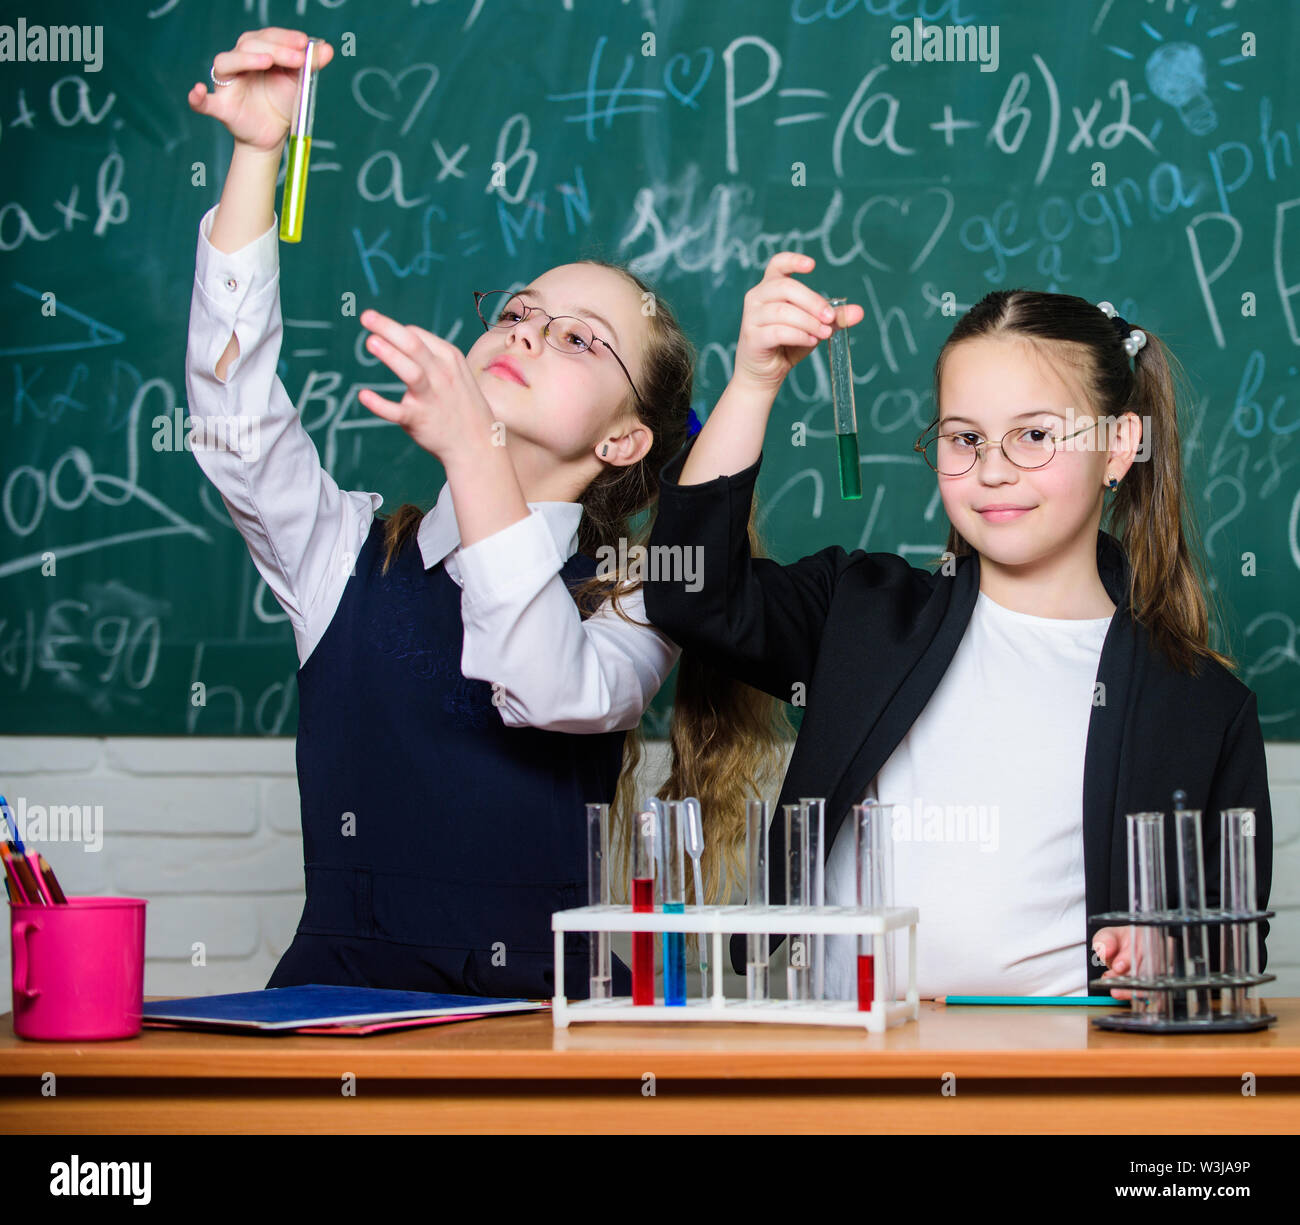 Des enfants heureux. Cours de biologie. les étudiants en expériences en biologie avec microscope en laboratoire. Équipements Biologie Biologie. l'éducation. L'apprentissage des petits enfants Photo Stock